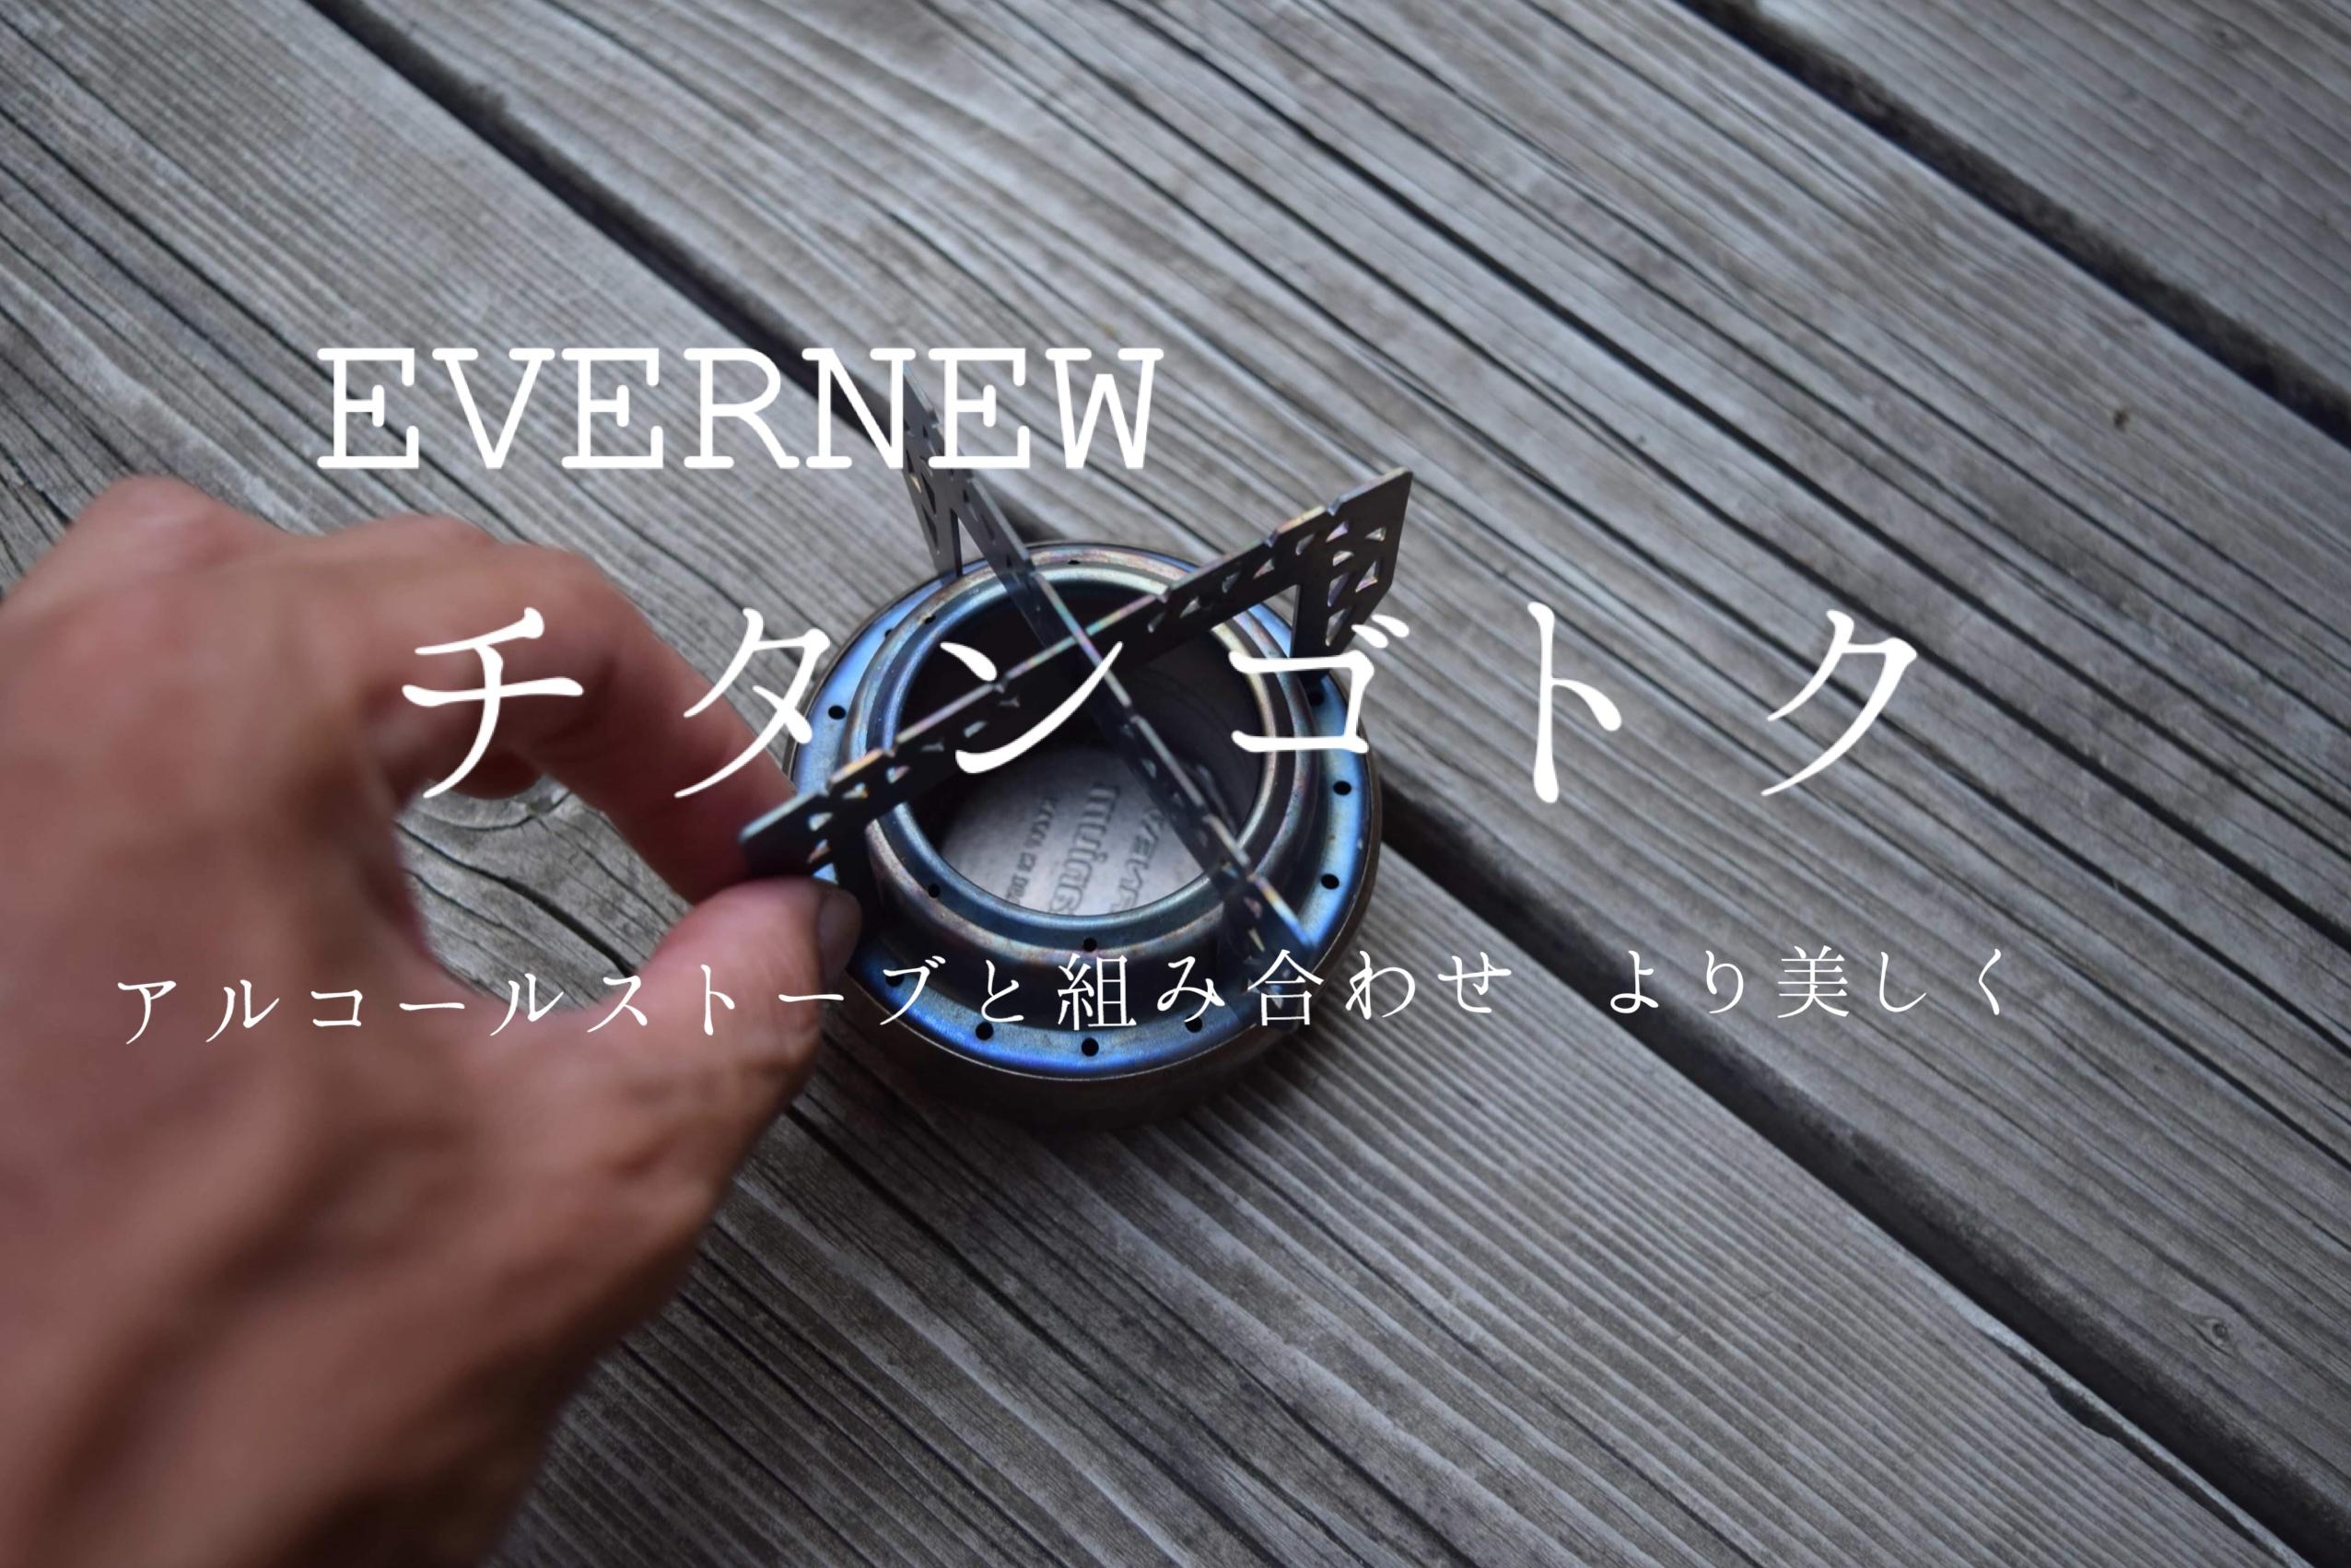 【ギアレビュー】トランギアのチタンアルコールストーブにはエバニューのゴトクがぴったり!